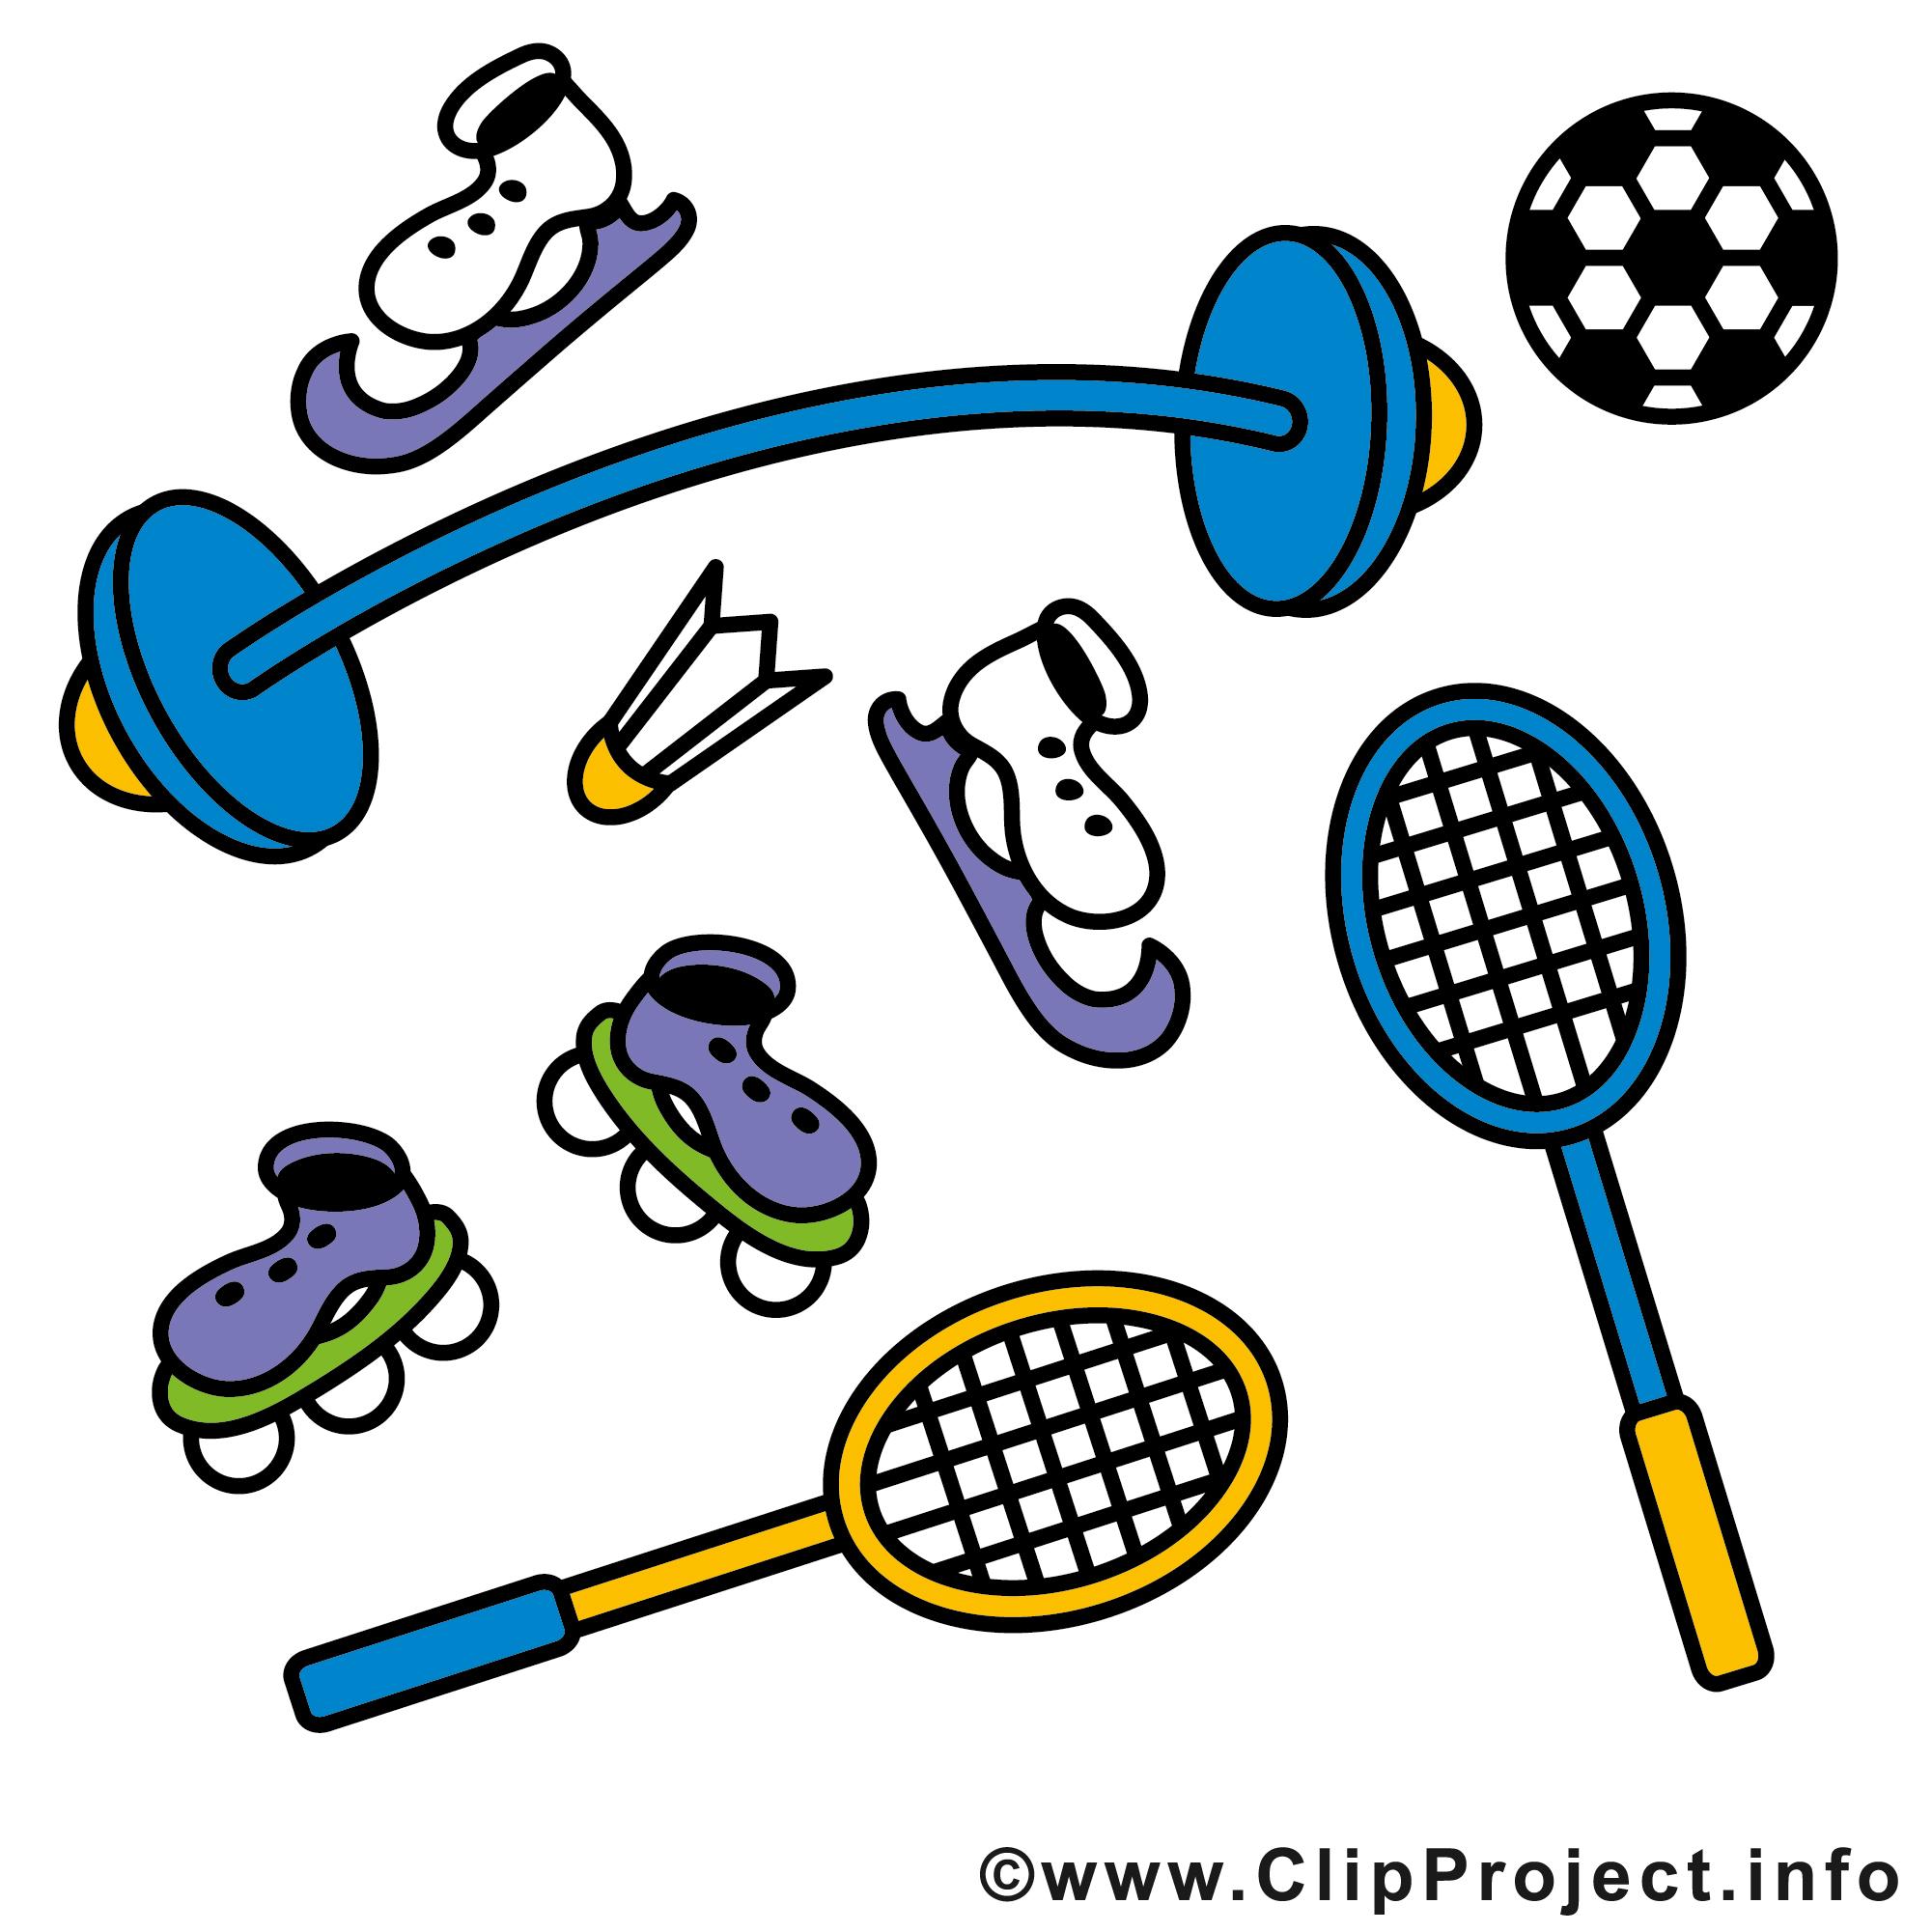 clipart de sport gratuit - photo #3